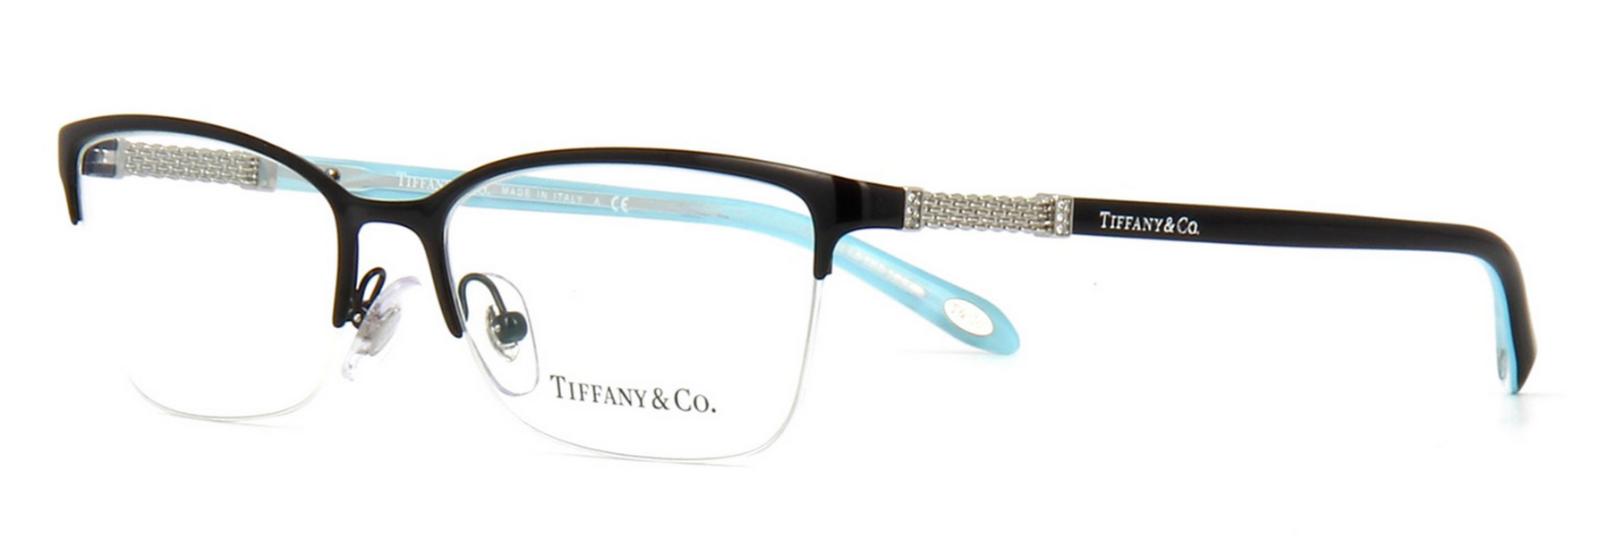 8eb35bdb80a Authentic Tiffany   Co. Black RX Eyeglasses TF 1111b - 6097 53mm for ...